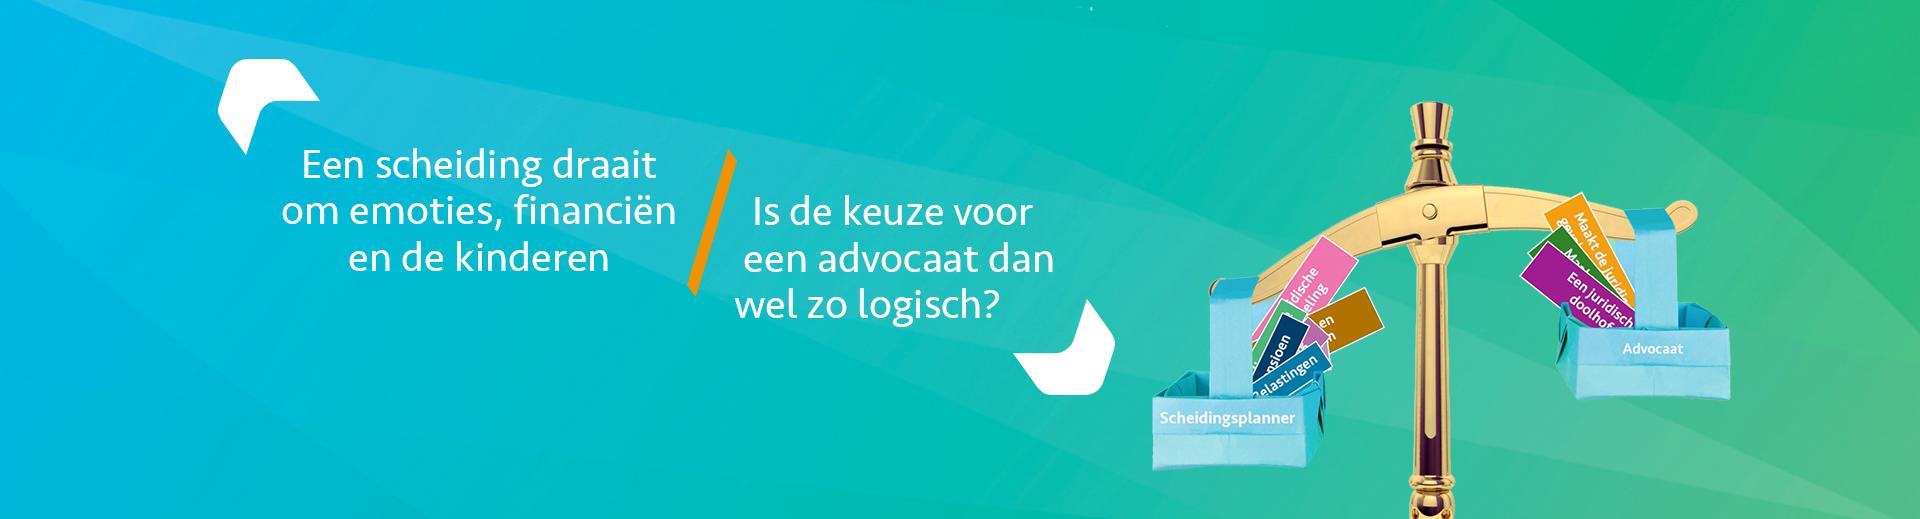 scheiden zonder advocaat - Scheidingsplanner Den Haag & Rijswijk